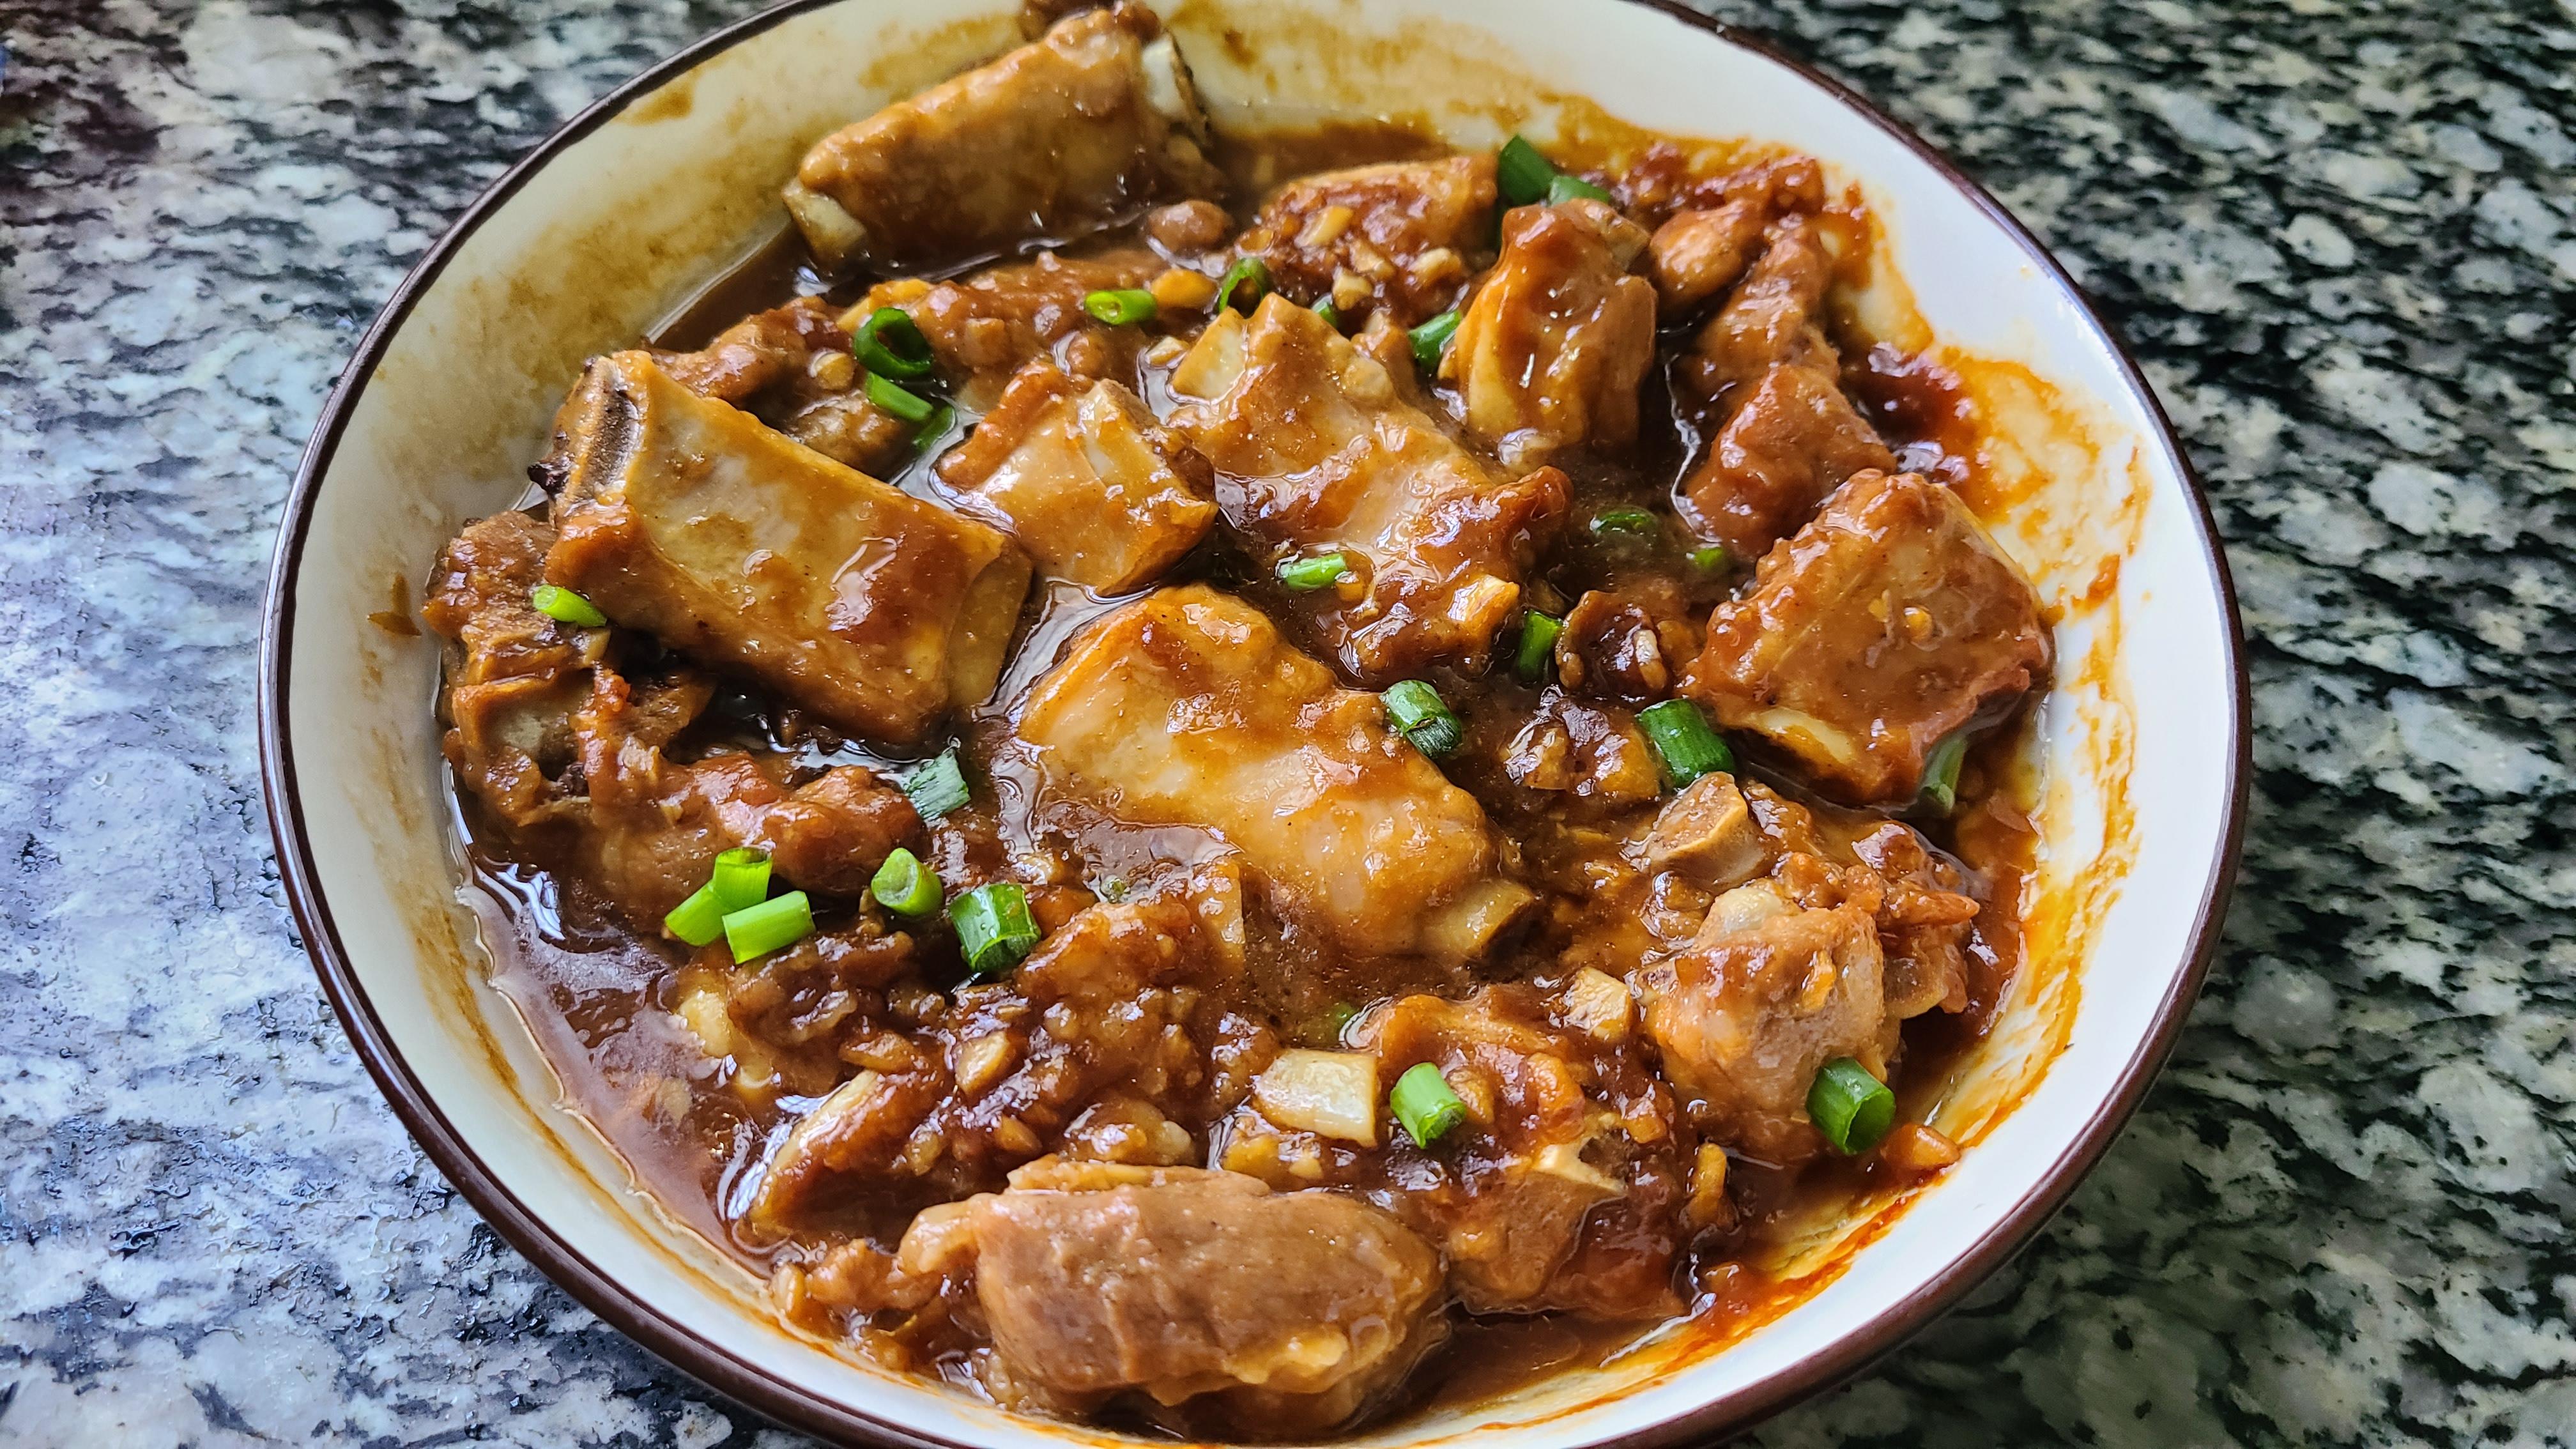 广东蒸排骨的做法,又香又美味,吃过还想吃,太香了 美食做法 第13张